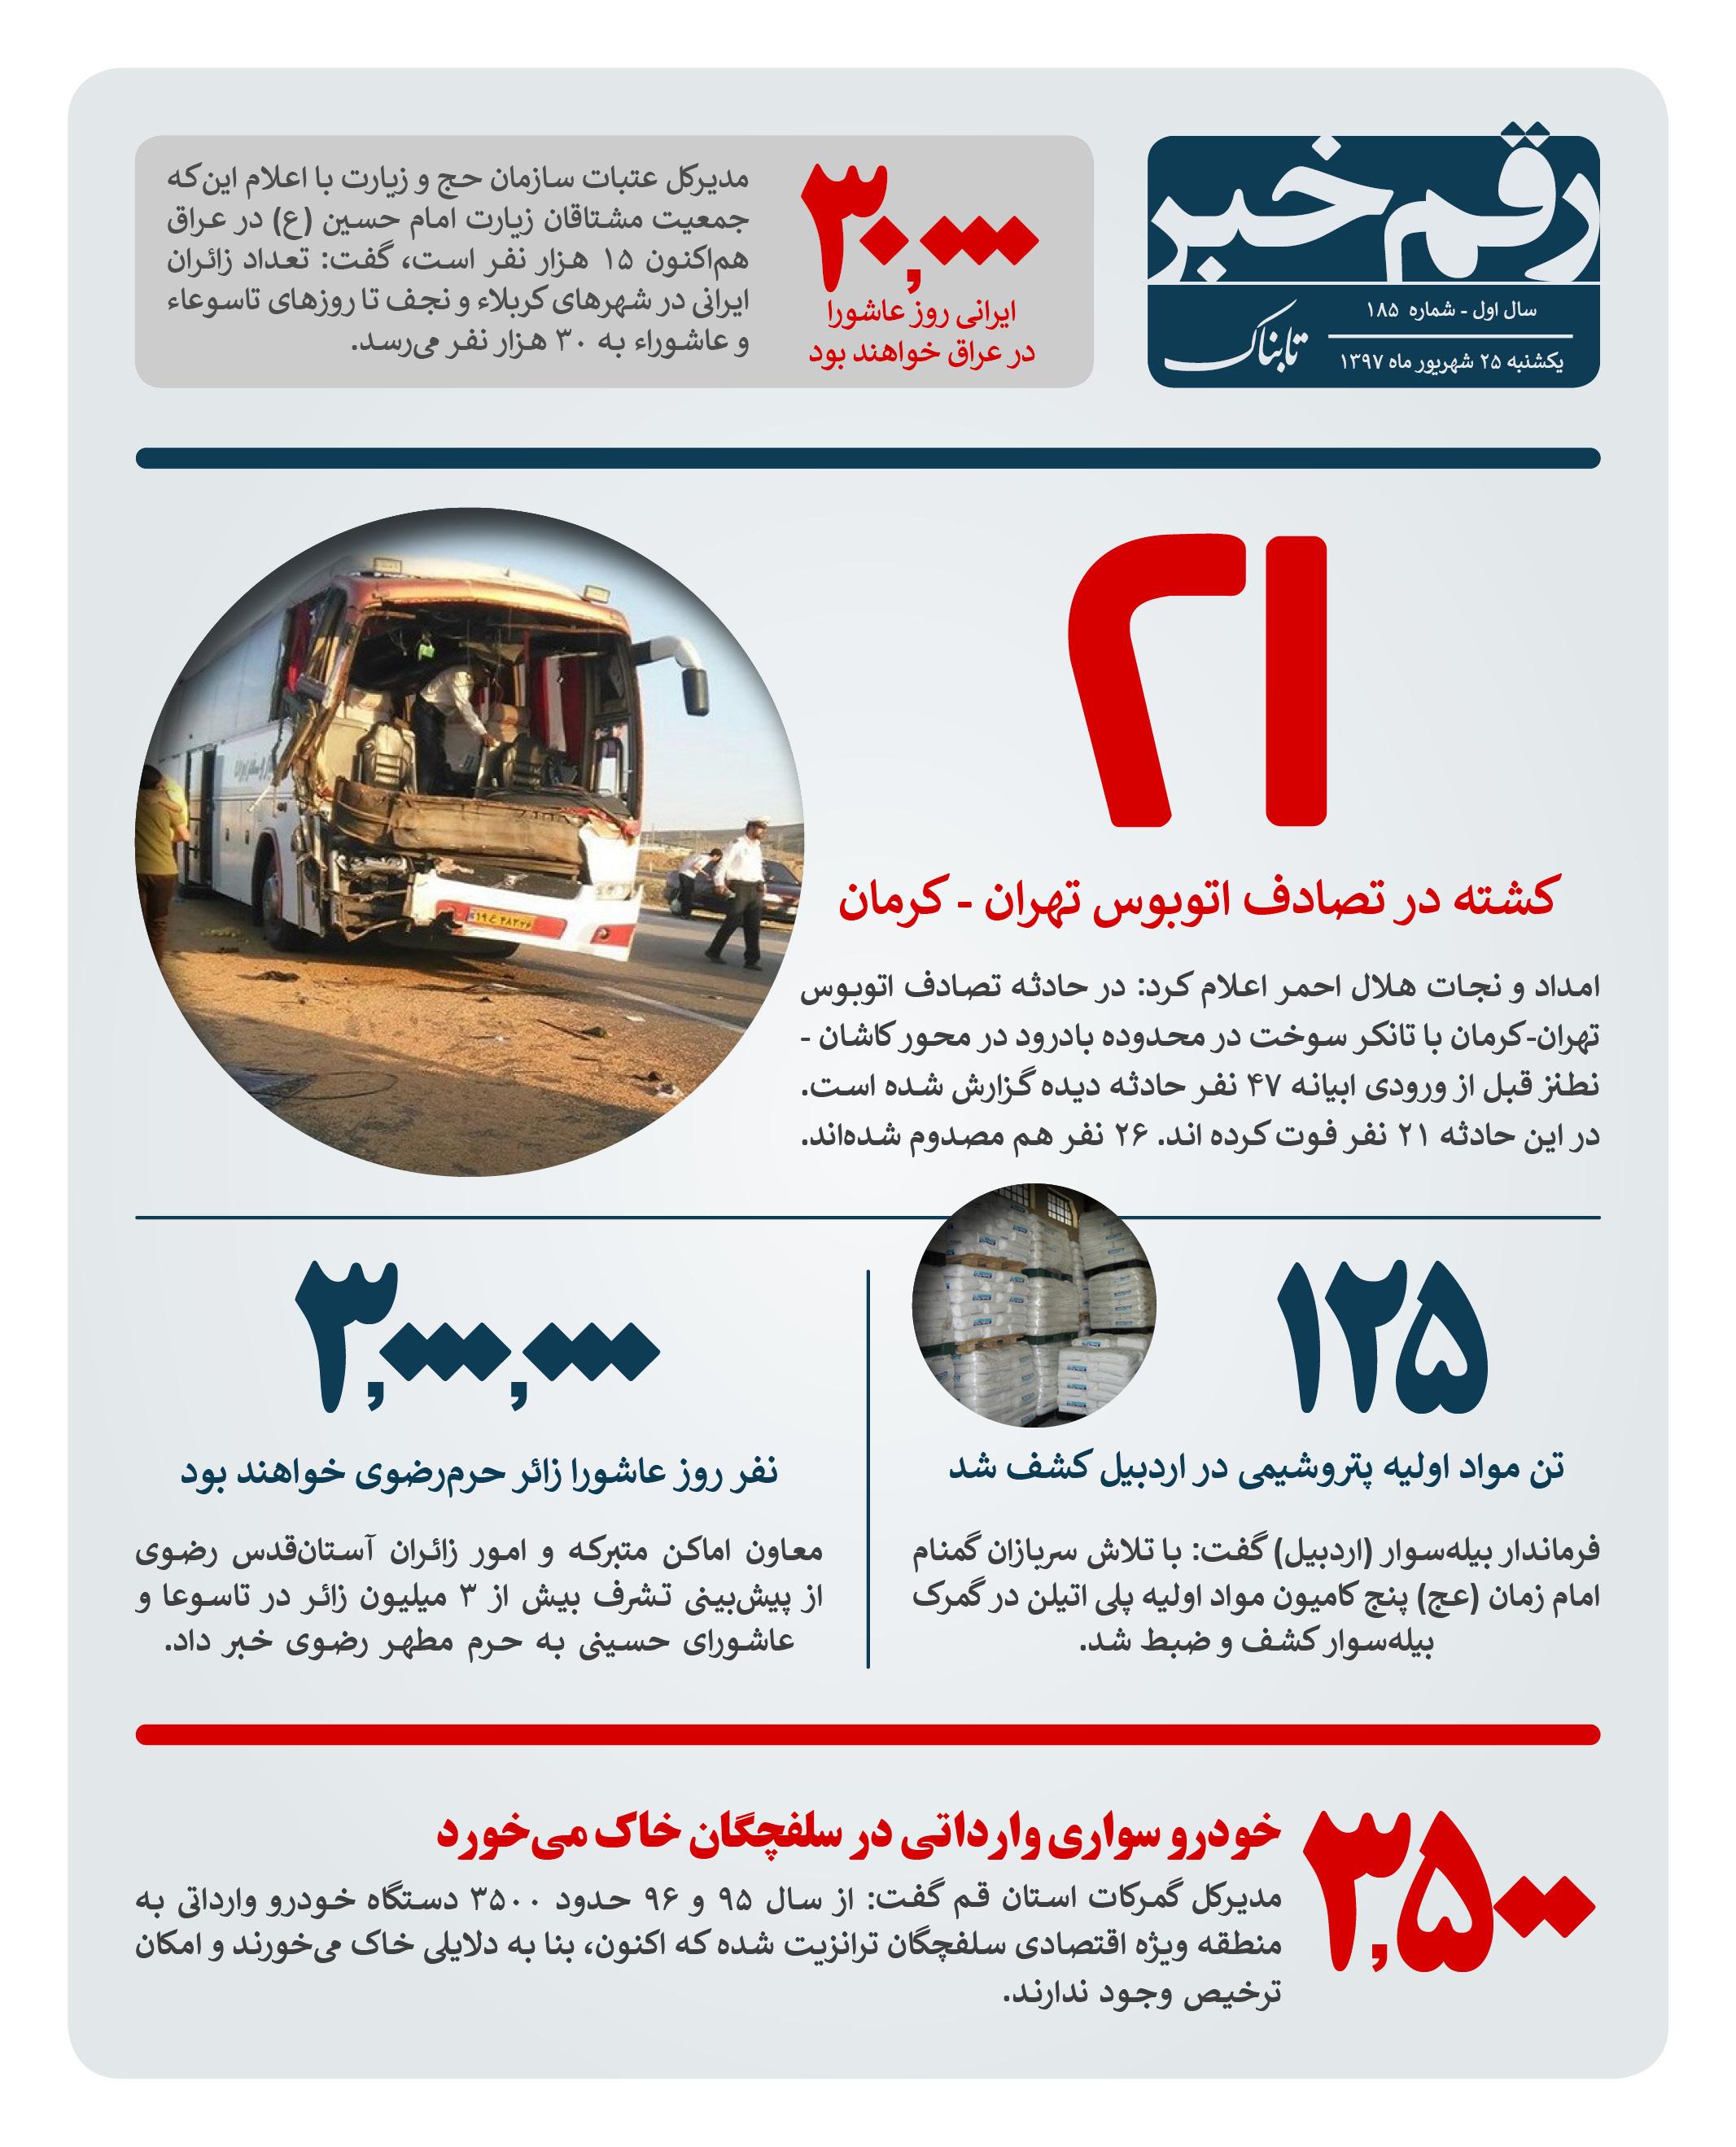 رقم خبر: ۲۱ کشته در تصادف یک اتوبوس